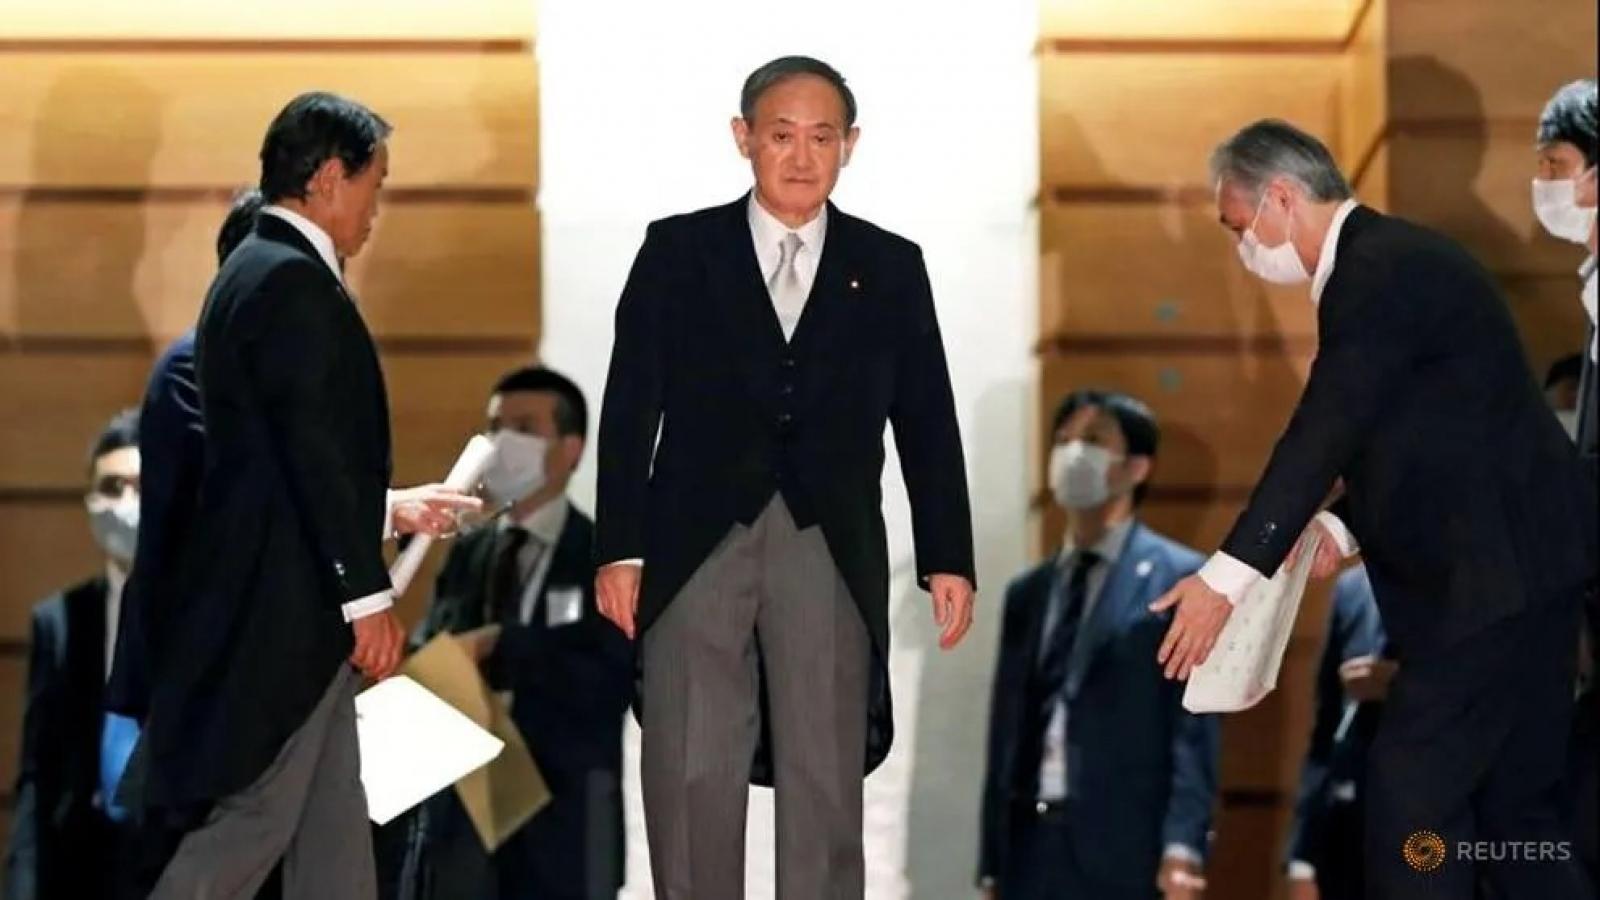 Vừa nhậm chức, tân Thủ tướng Nhật Bản điện đàm với Thủ tướng Australia